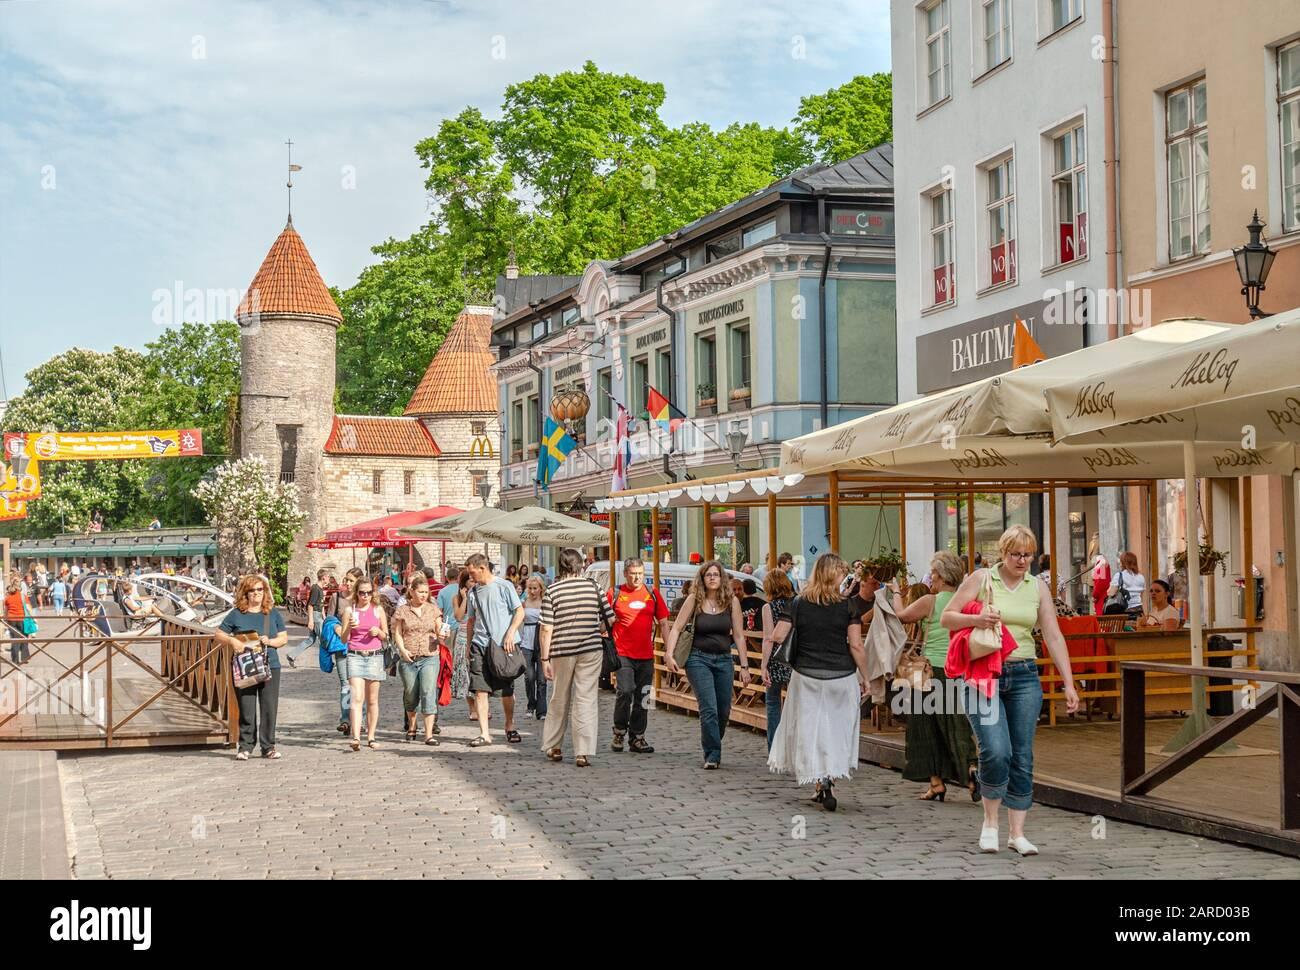 Les habitants et les touristes de la vieille ville historique de Tallinn, Estonie Banque D'Images